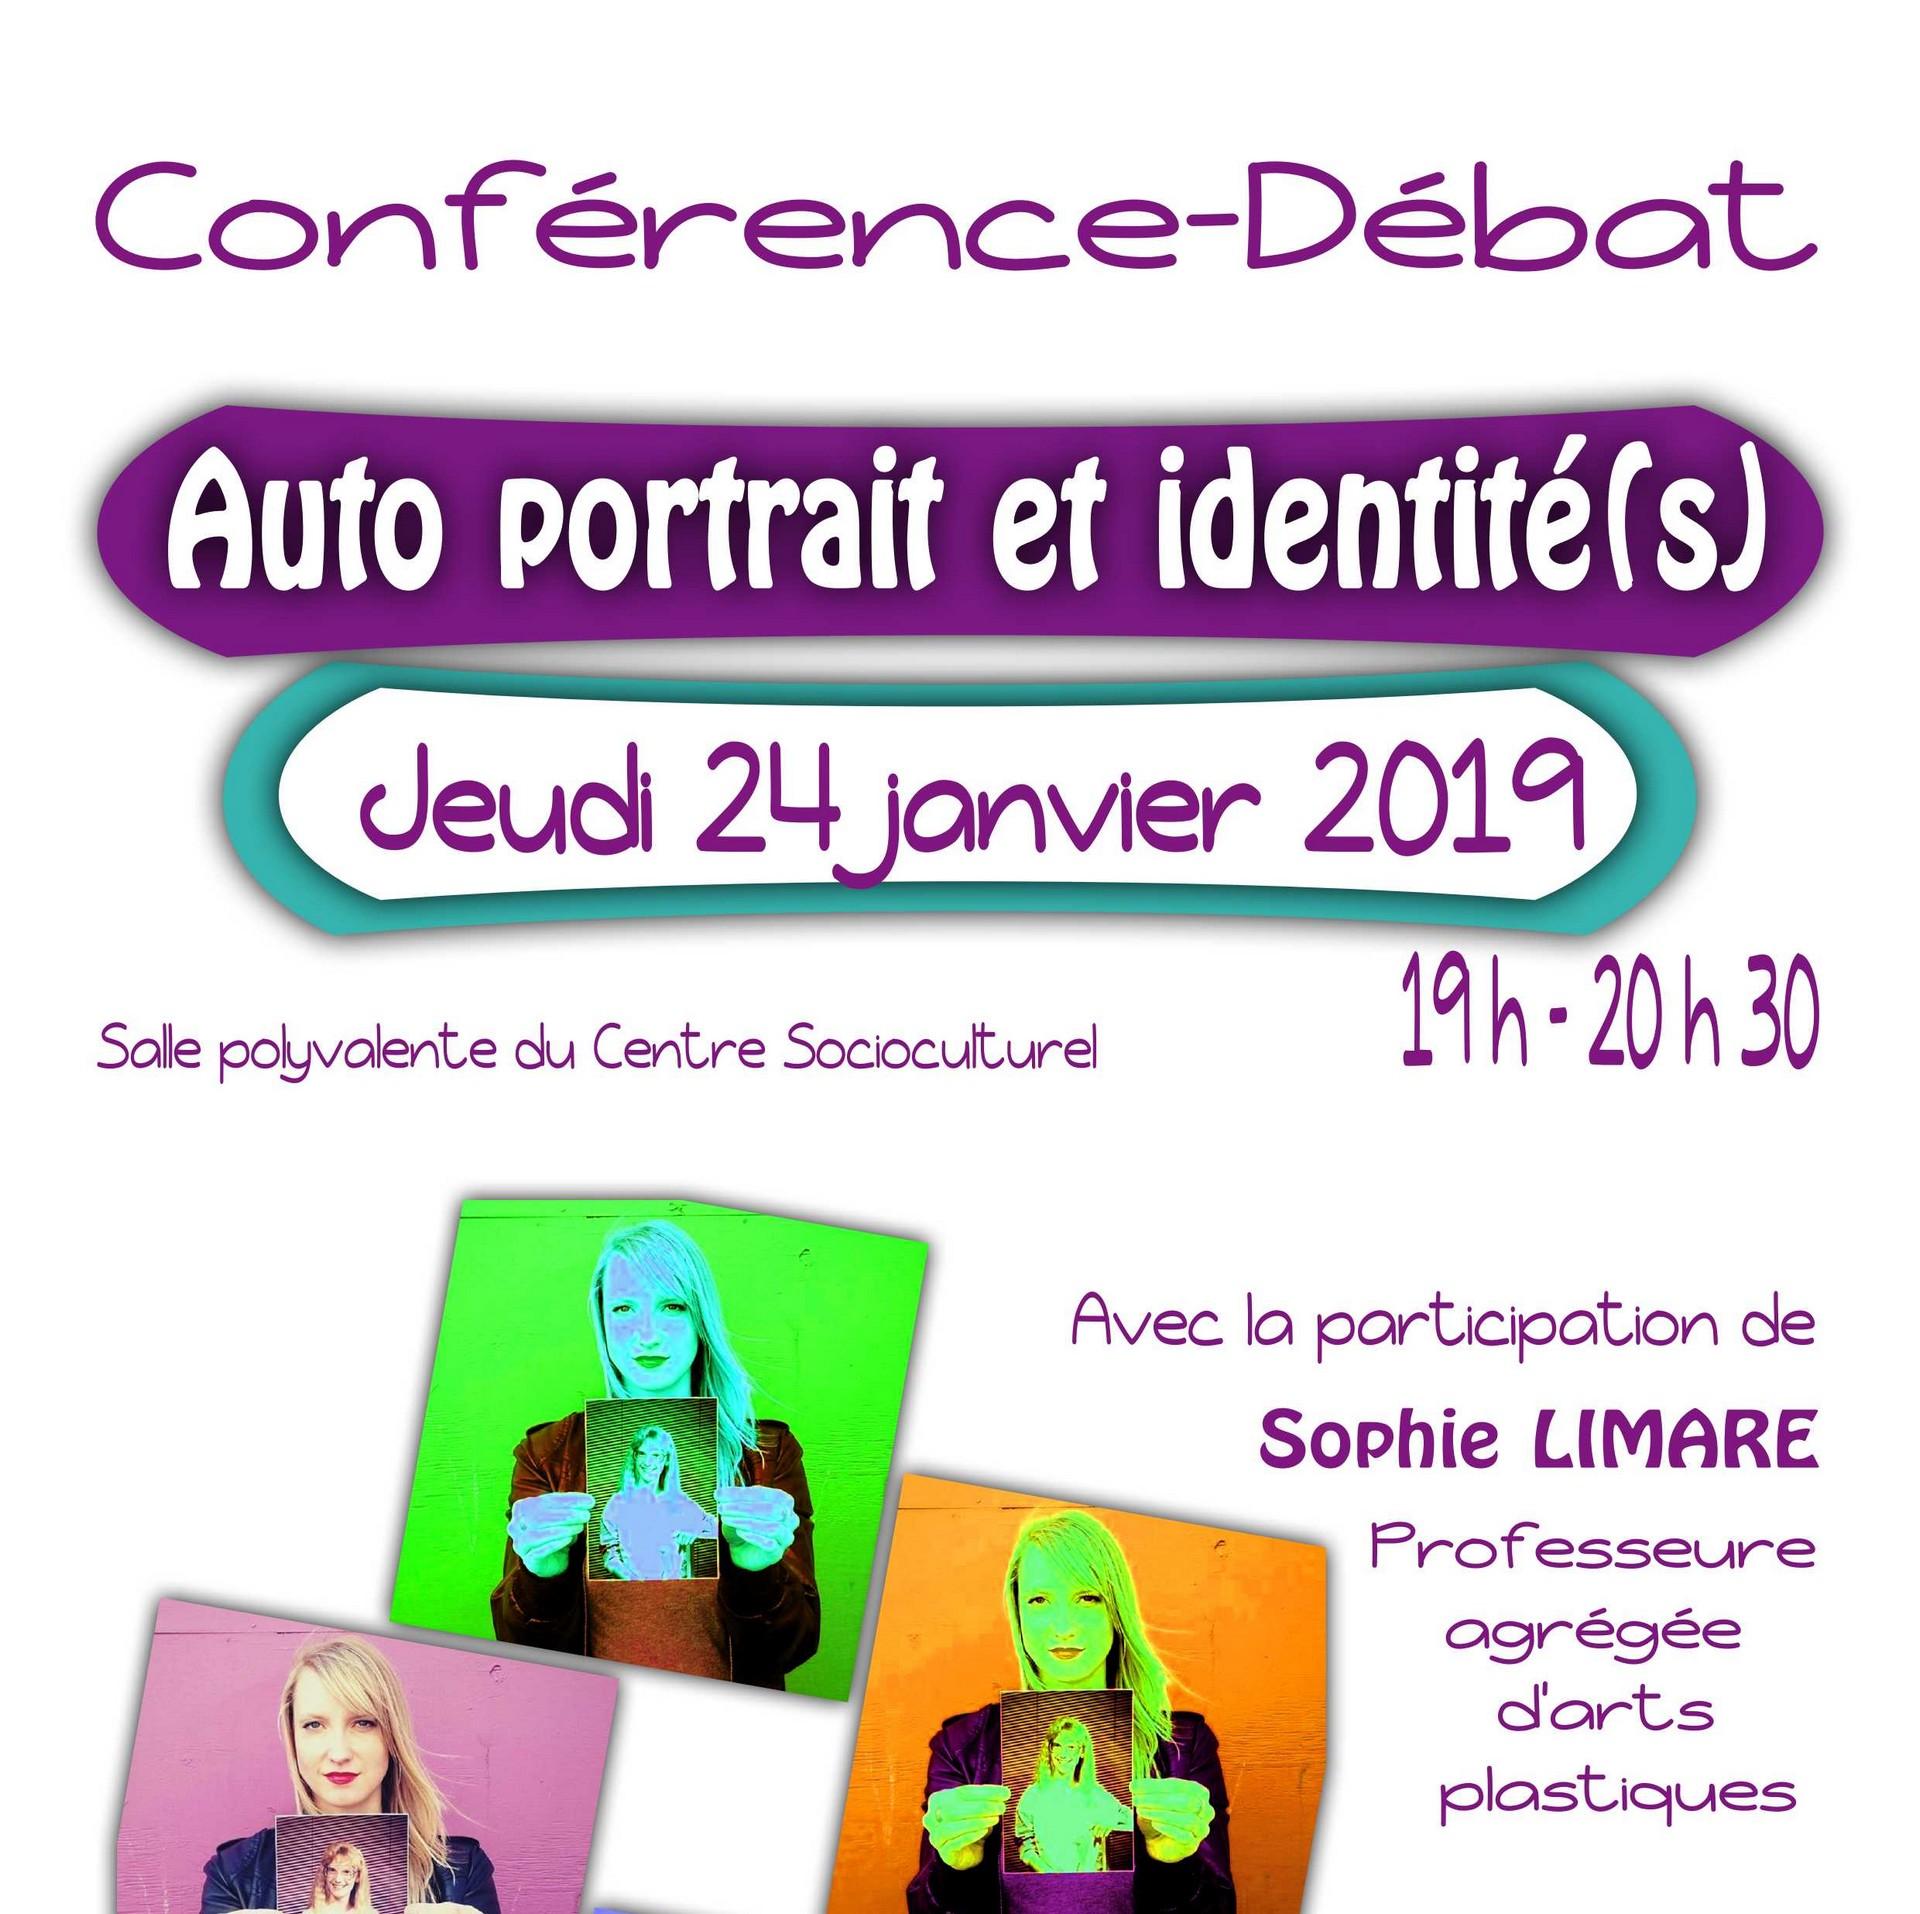 Conférence-Débat : Auto portrait et identité (s) - ORTHEZ